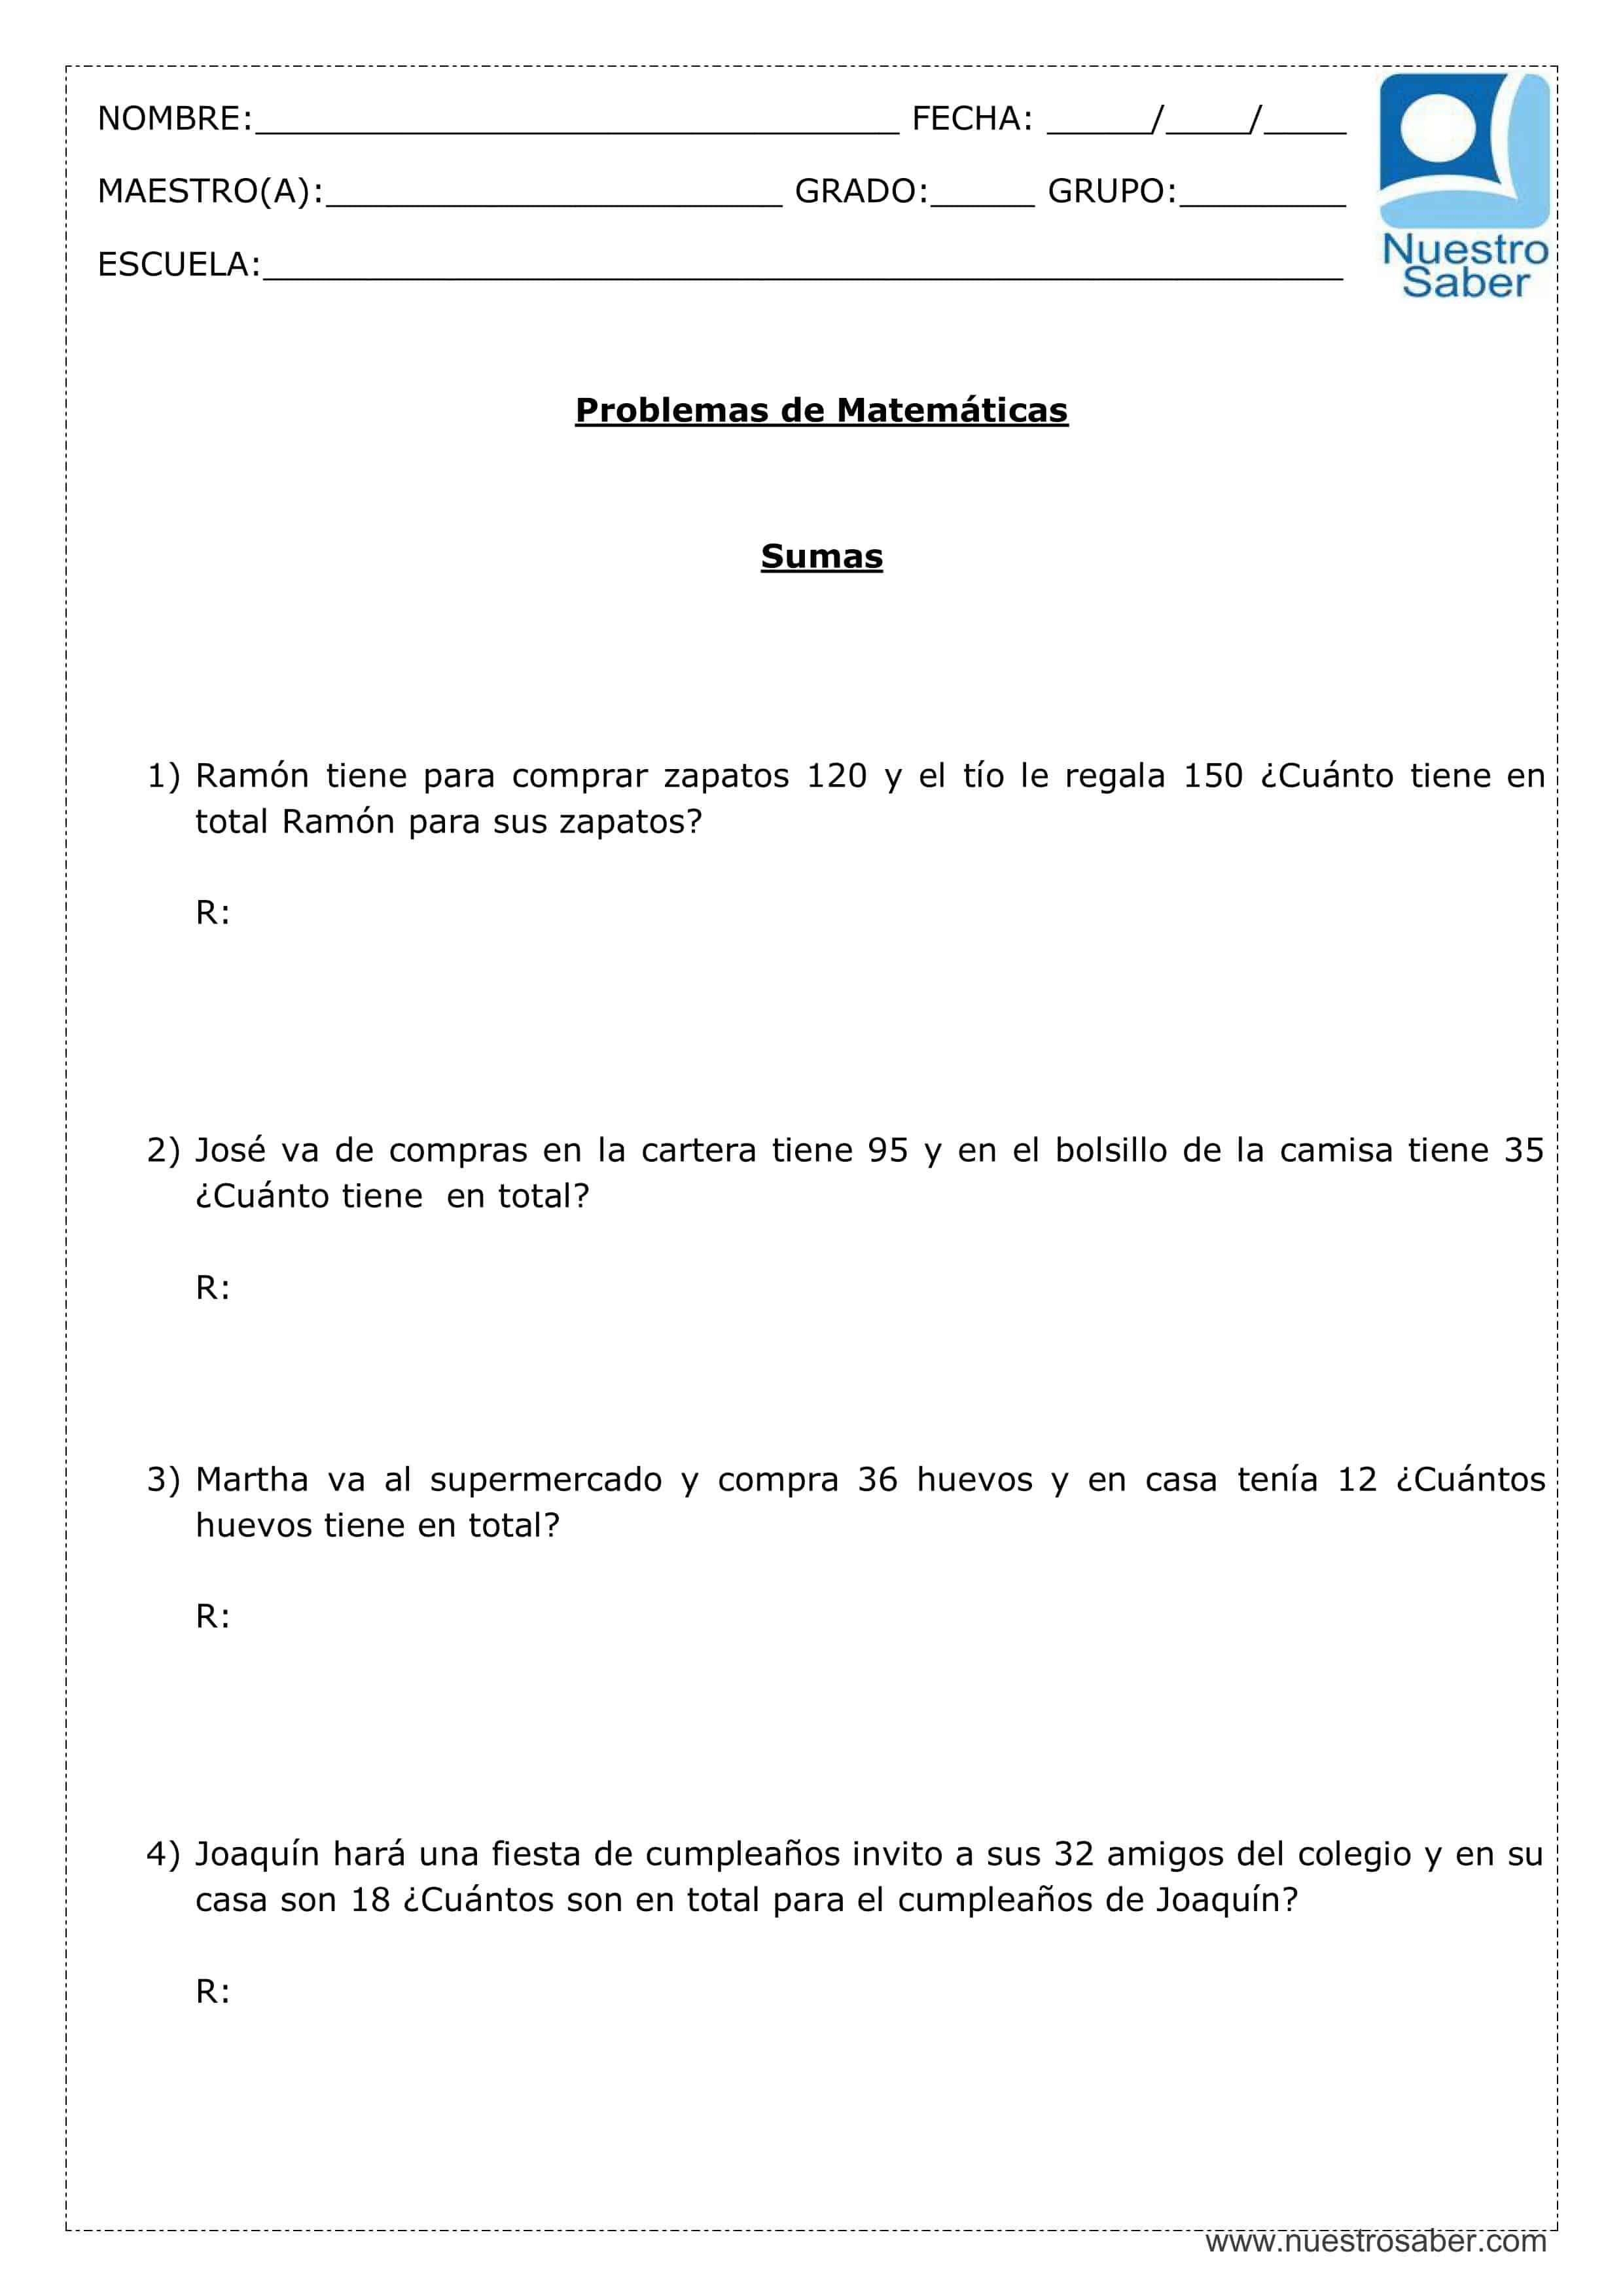 Ejercicios de matemáticas: Problemas de Sumas - Tercer grado primaria